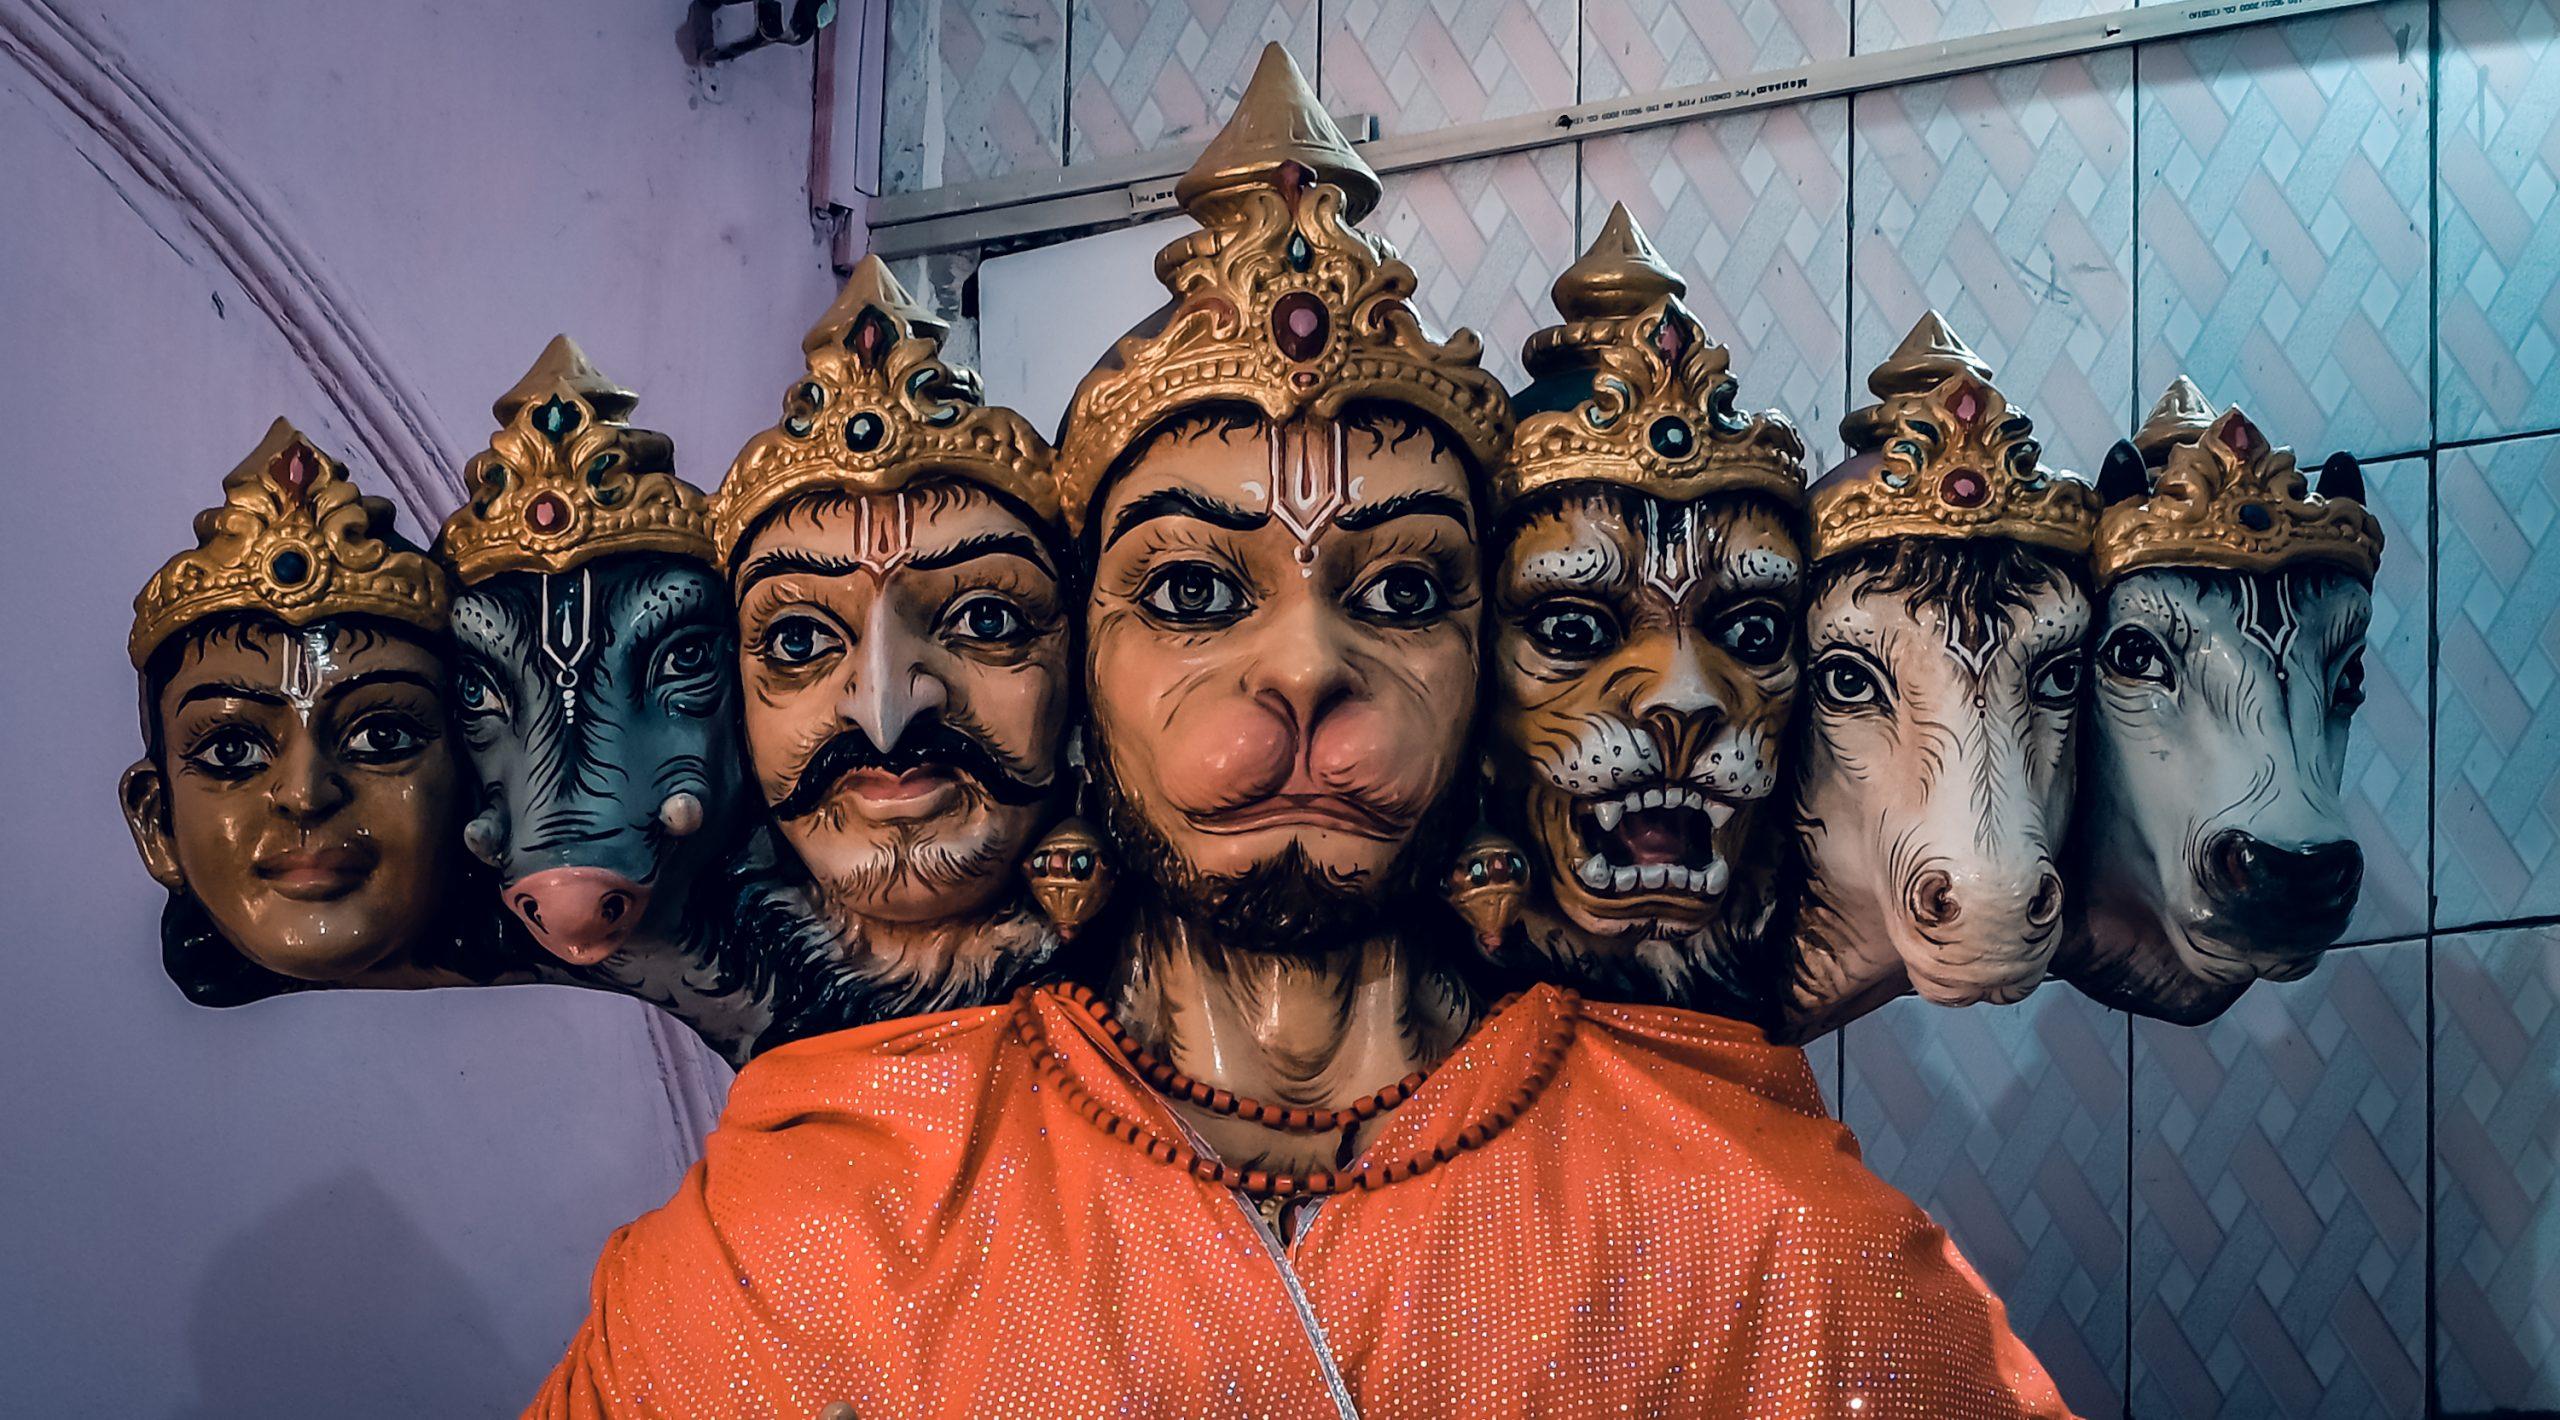 Statue of seven faces of Hanuman.